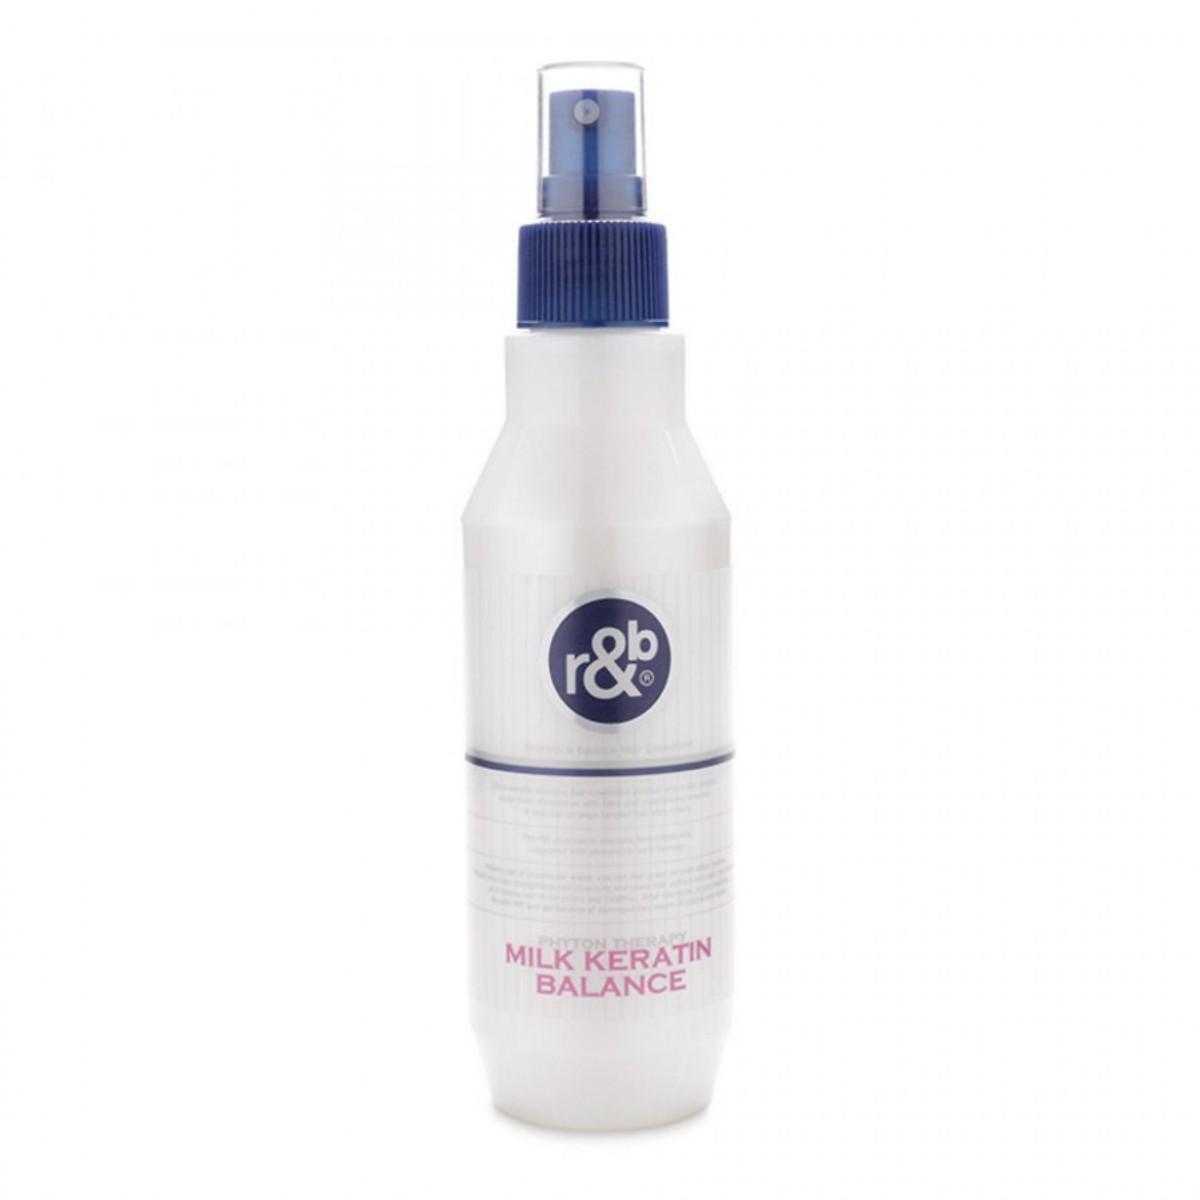 Combo Dầu gội bạc hà R&B Peppermint 1000ml -  Nước dưỡng tóc dưỡng ẩm phục hồi tóc hư tổn R&B Milk Keratin Balance 250ml